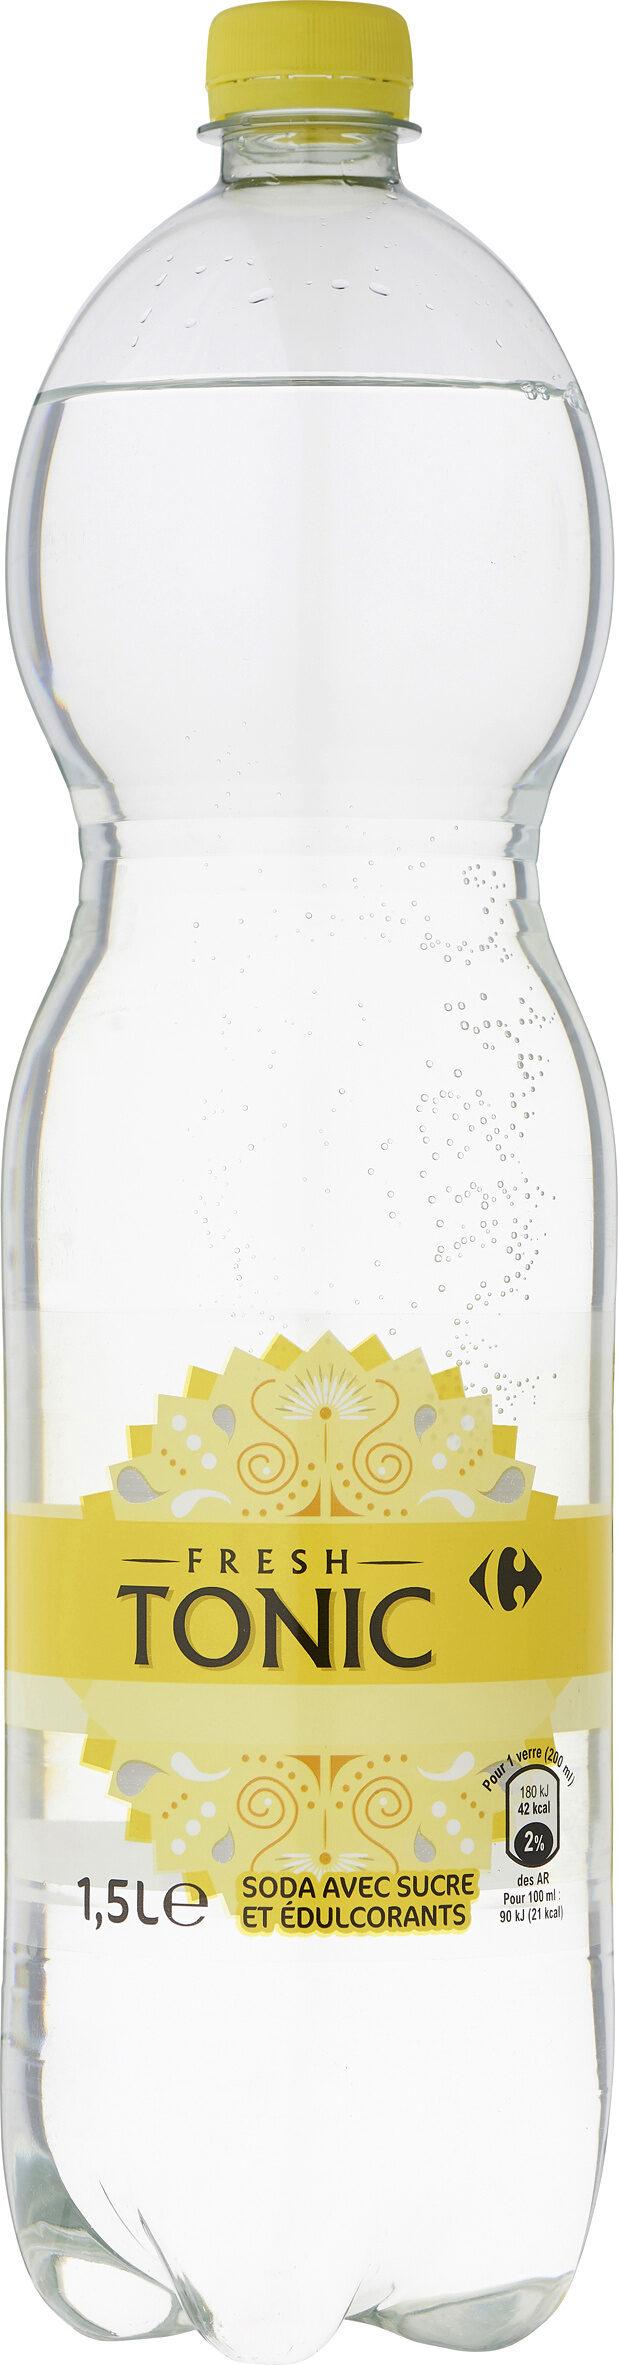 Fresh tonic - Product - fr